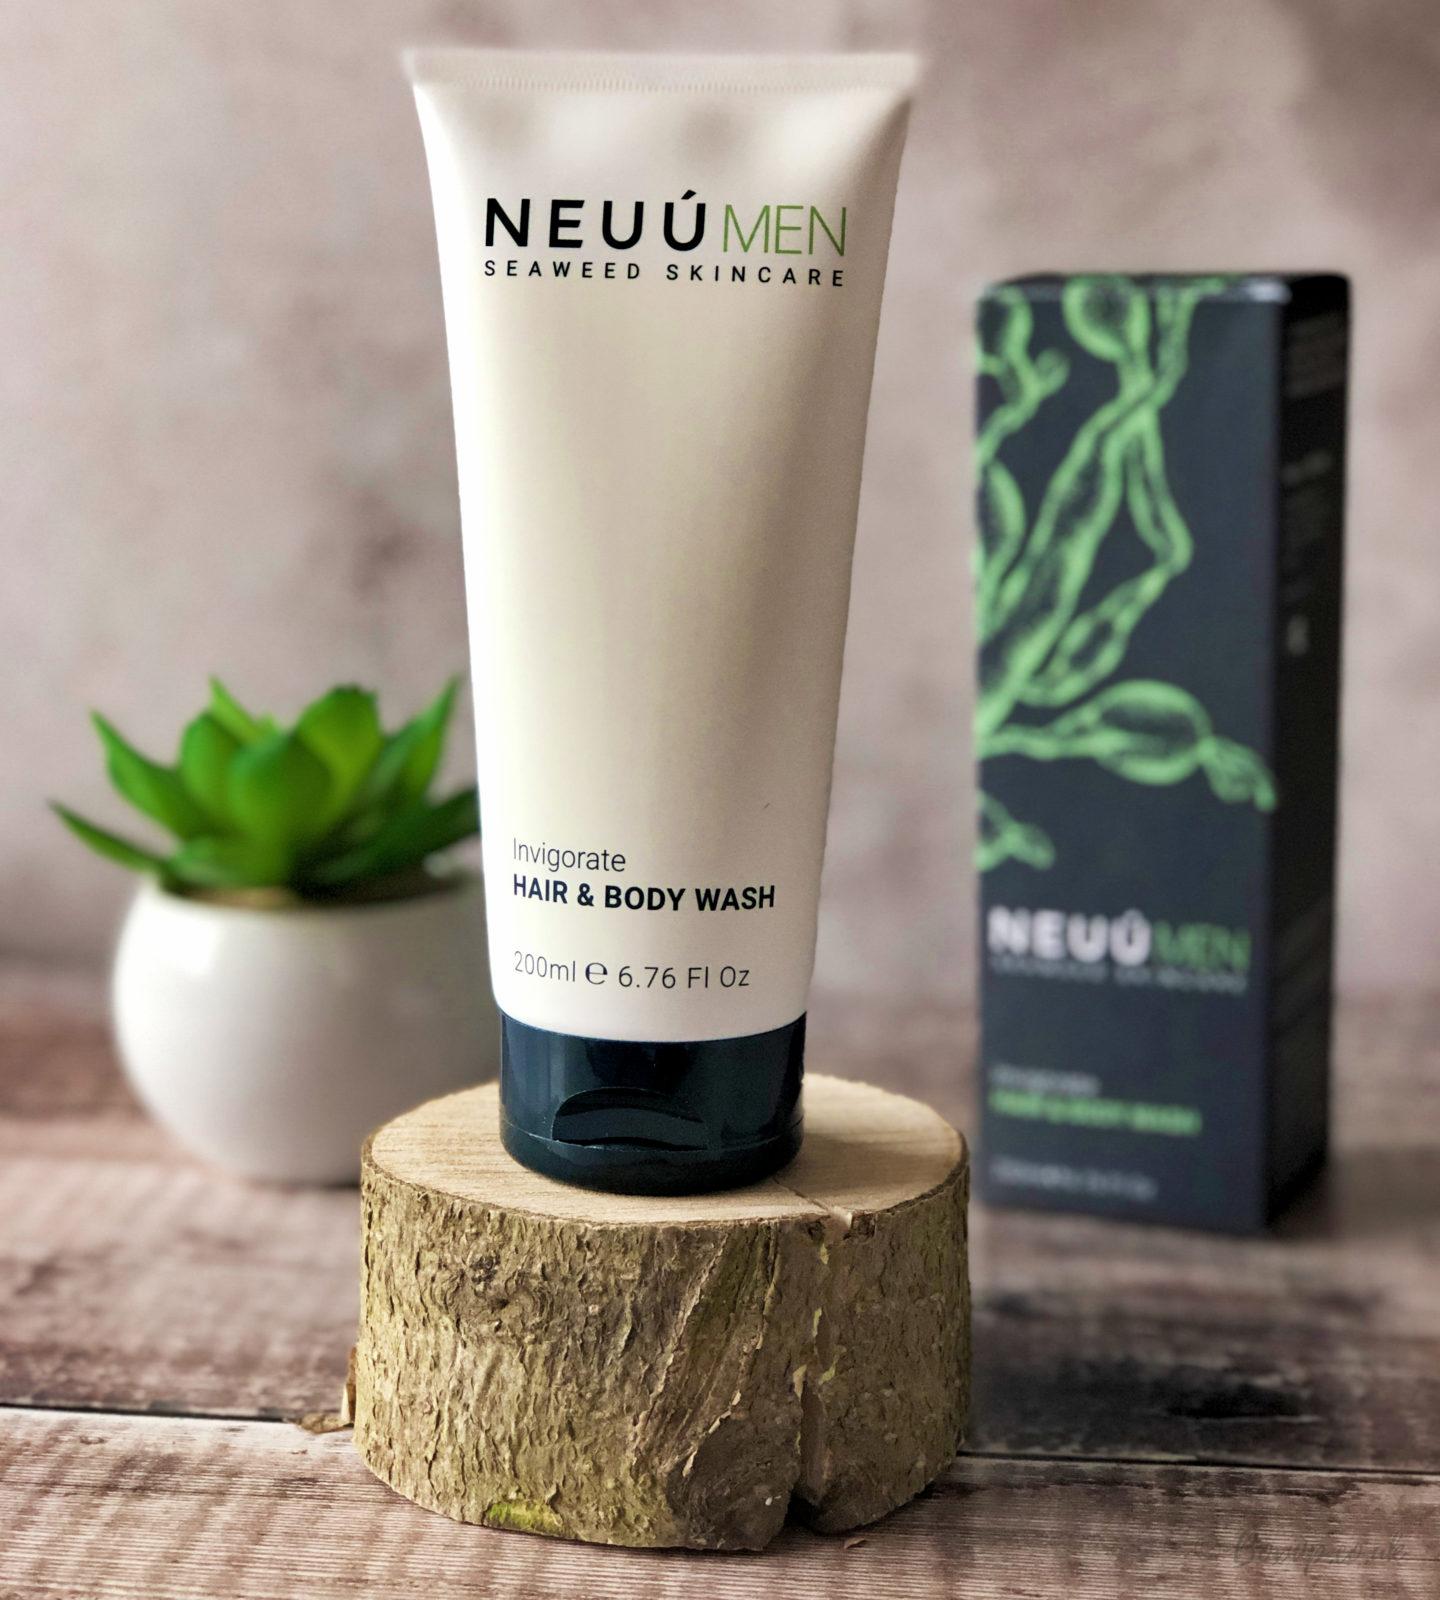 NEUÚ Seaweed Skincare Invigorate Hair & Body Wash